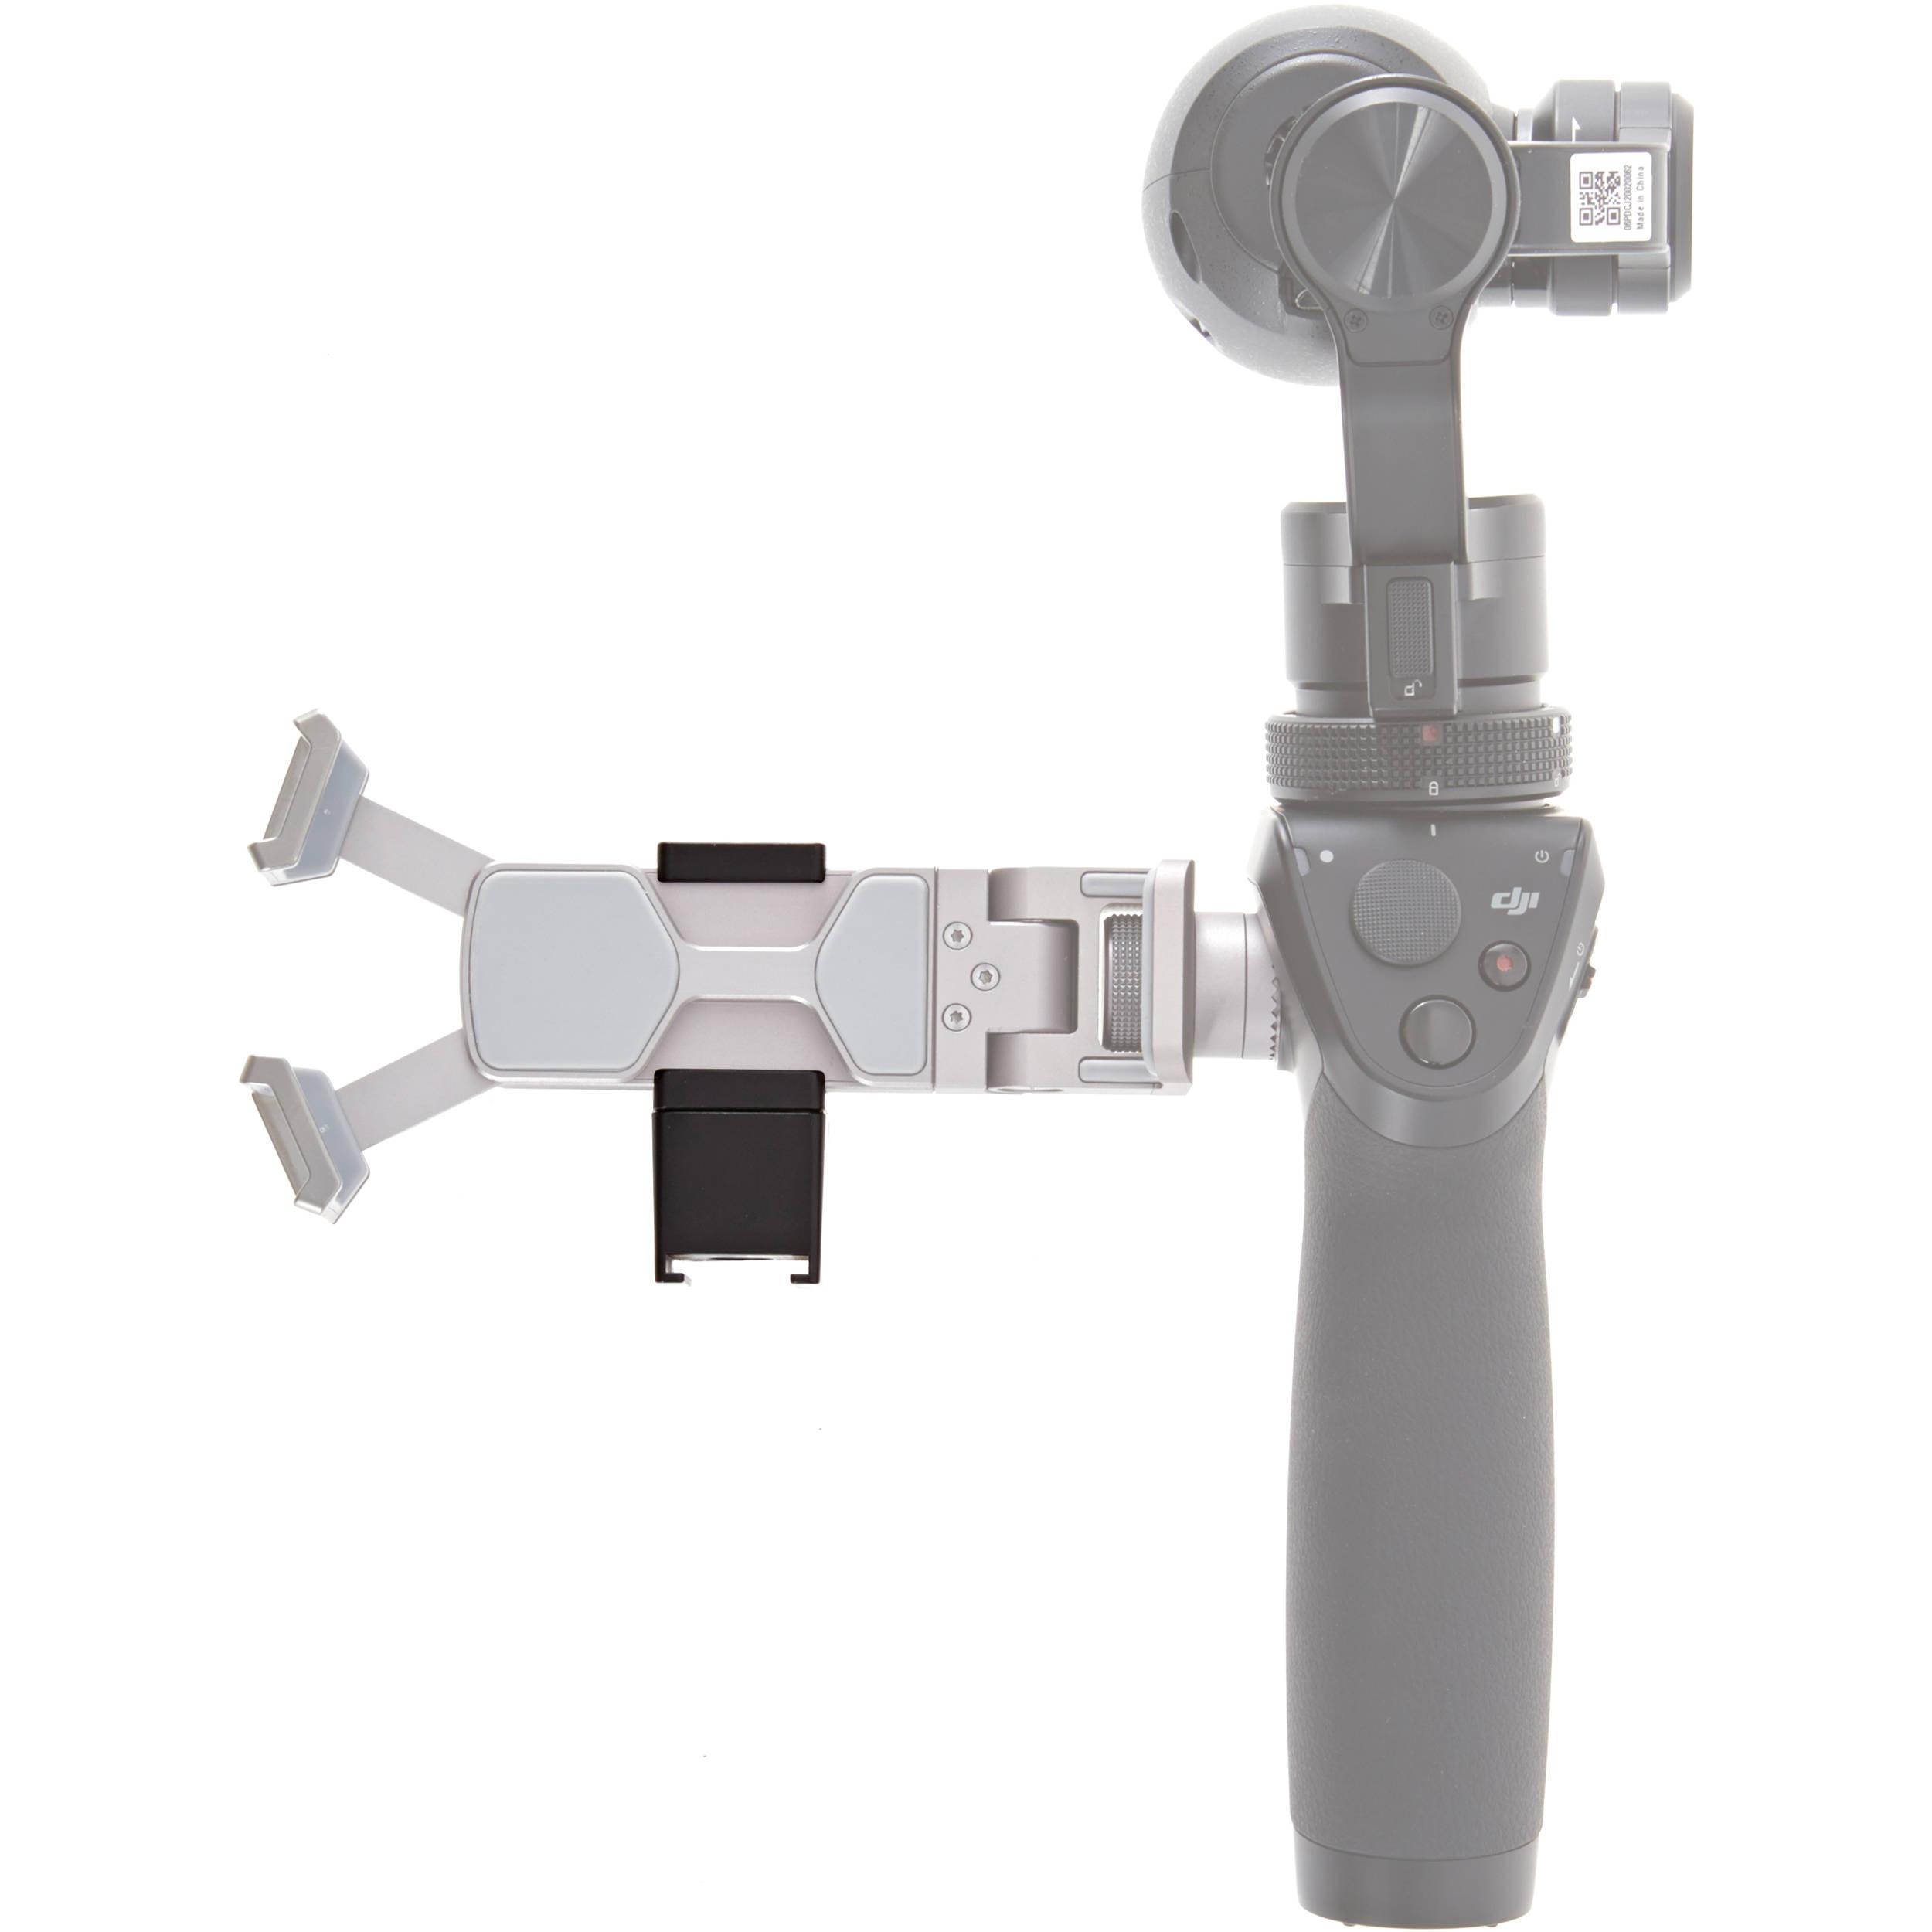 Быстросъемное крепление микрофона для DJI Osmo Quick Release 360 Mic Mount-3